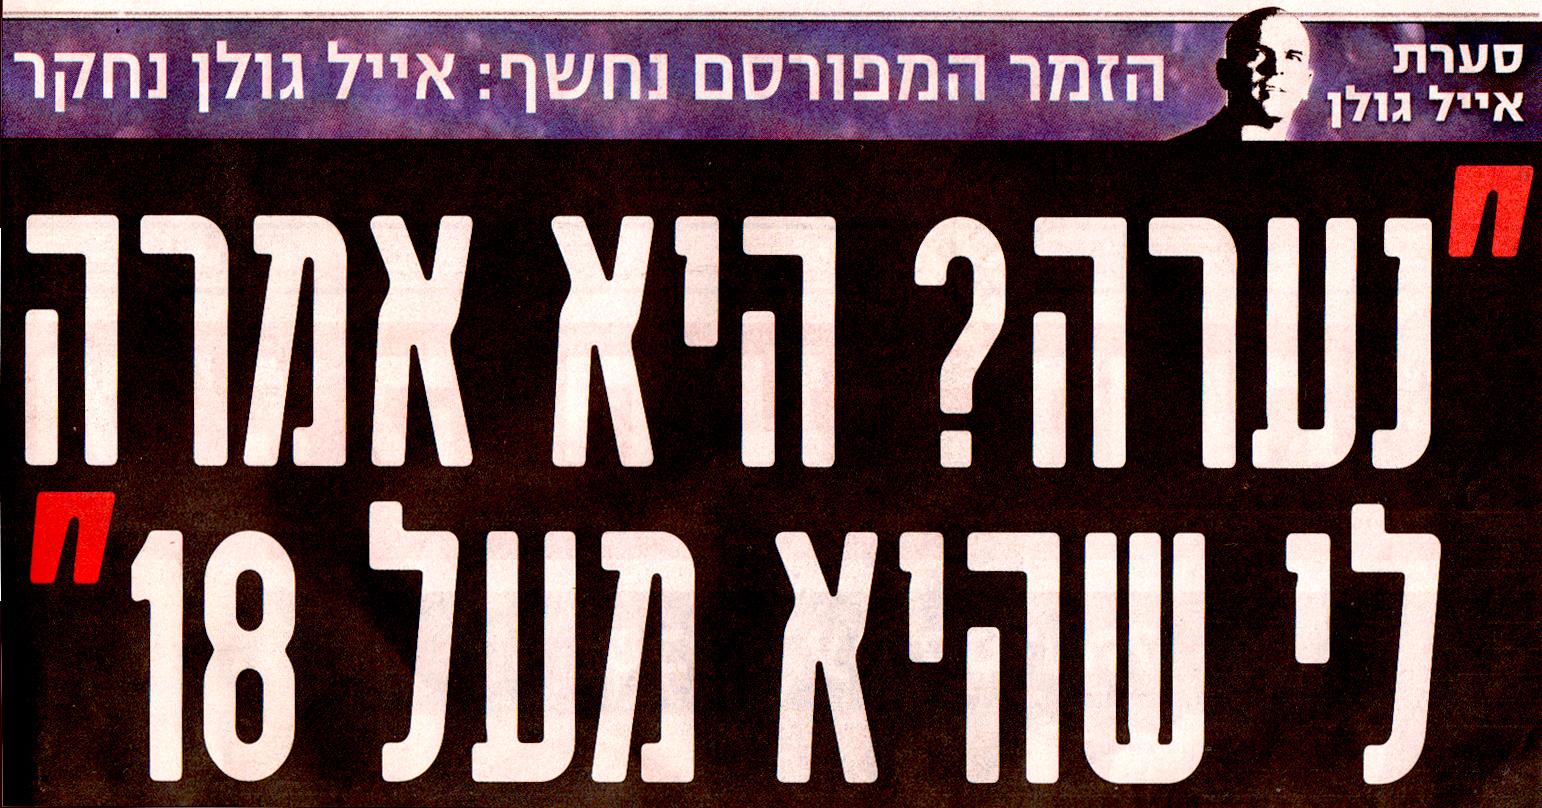 """""""ידיעות אחרונות"""", הכותרת הראשית בכפולת החדשות הפותחת, 21.11.13"""